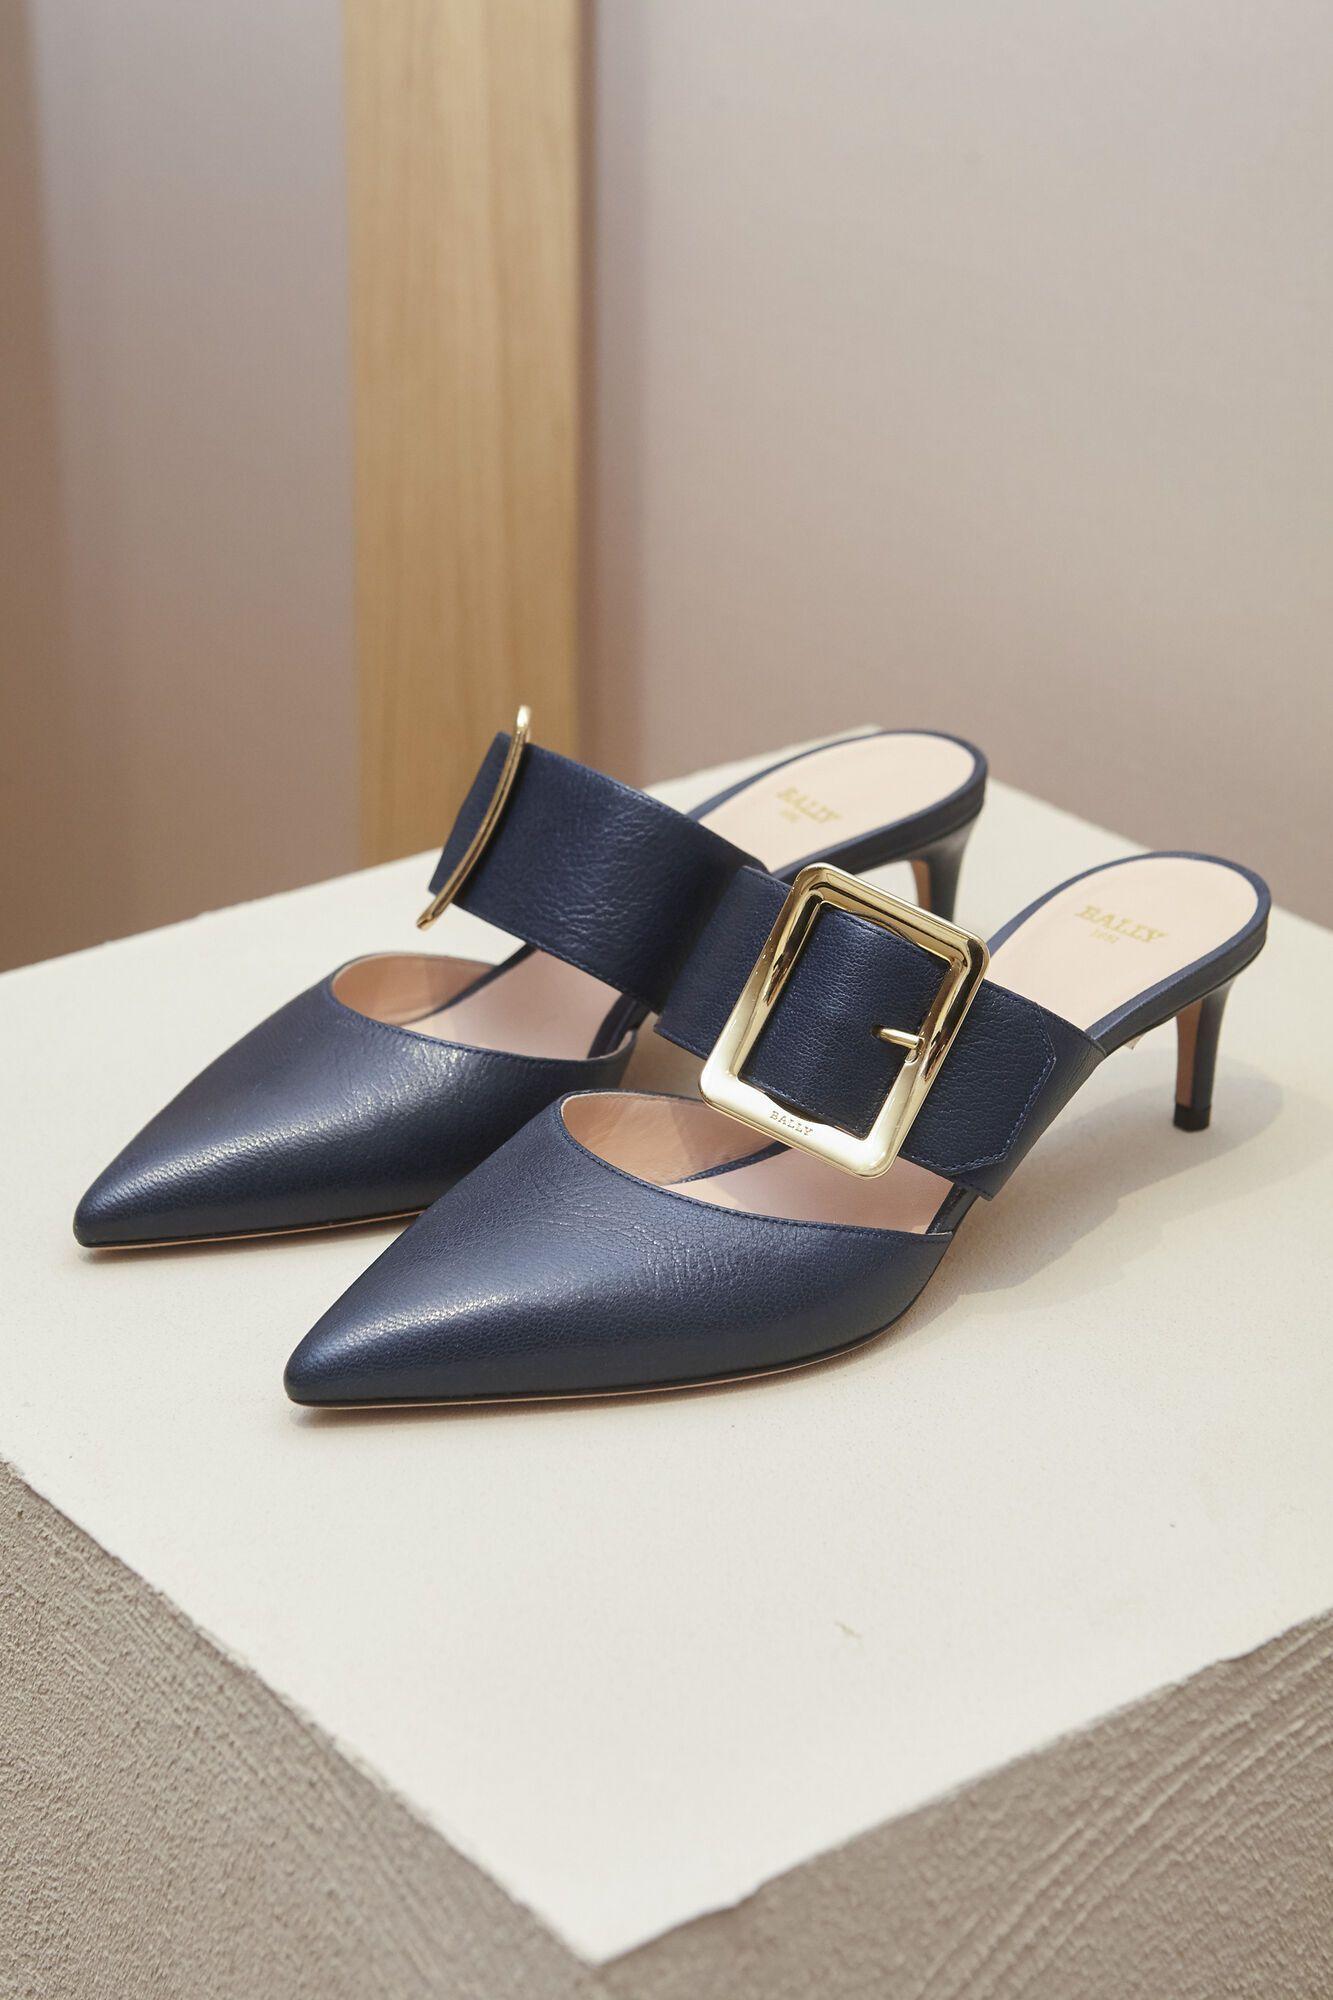 Модне взуття з великою пряжкою